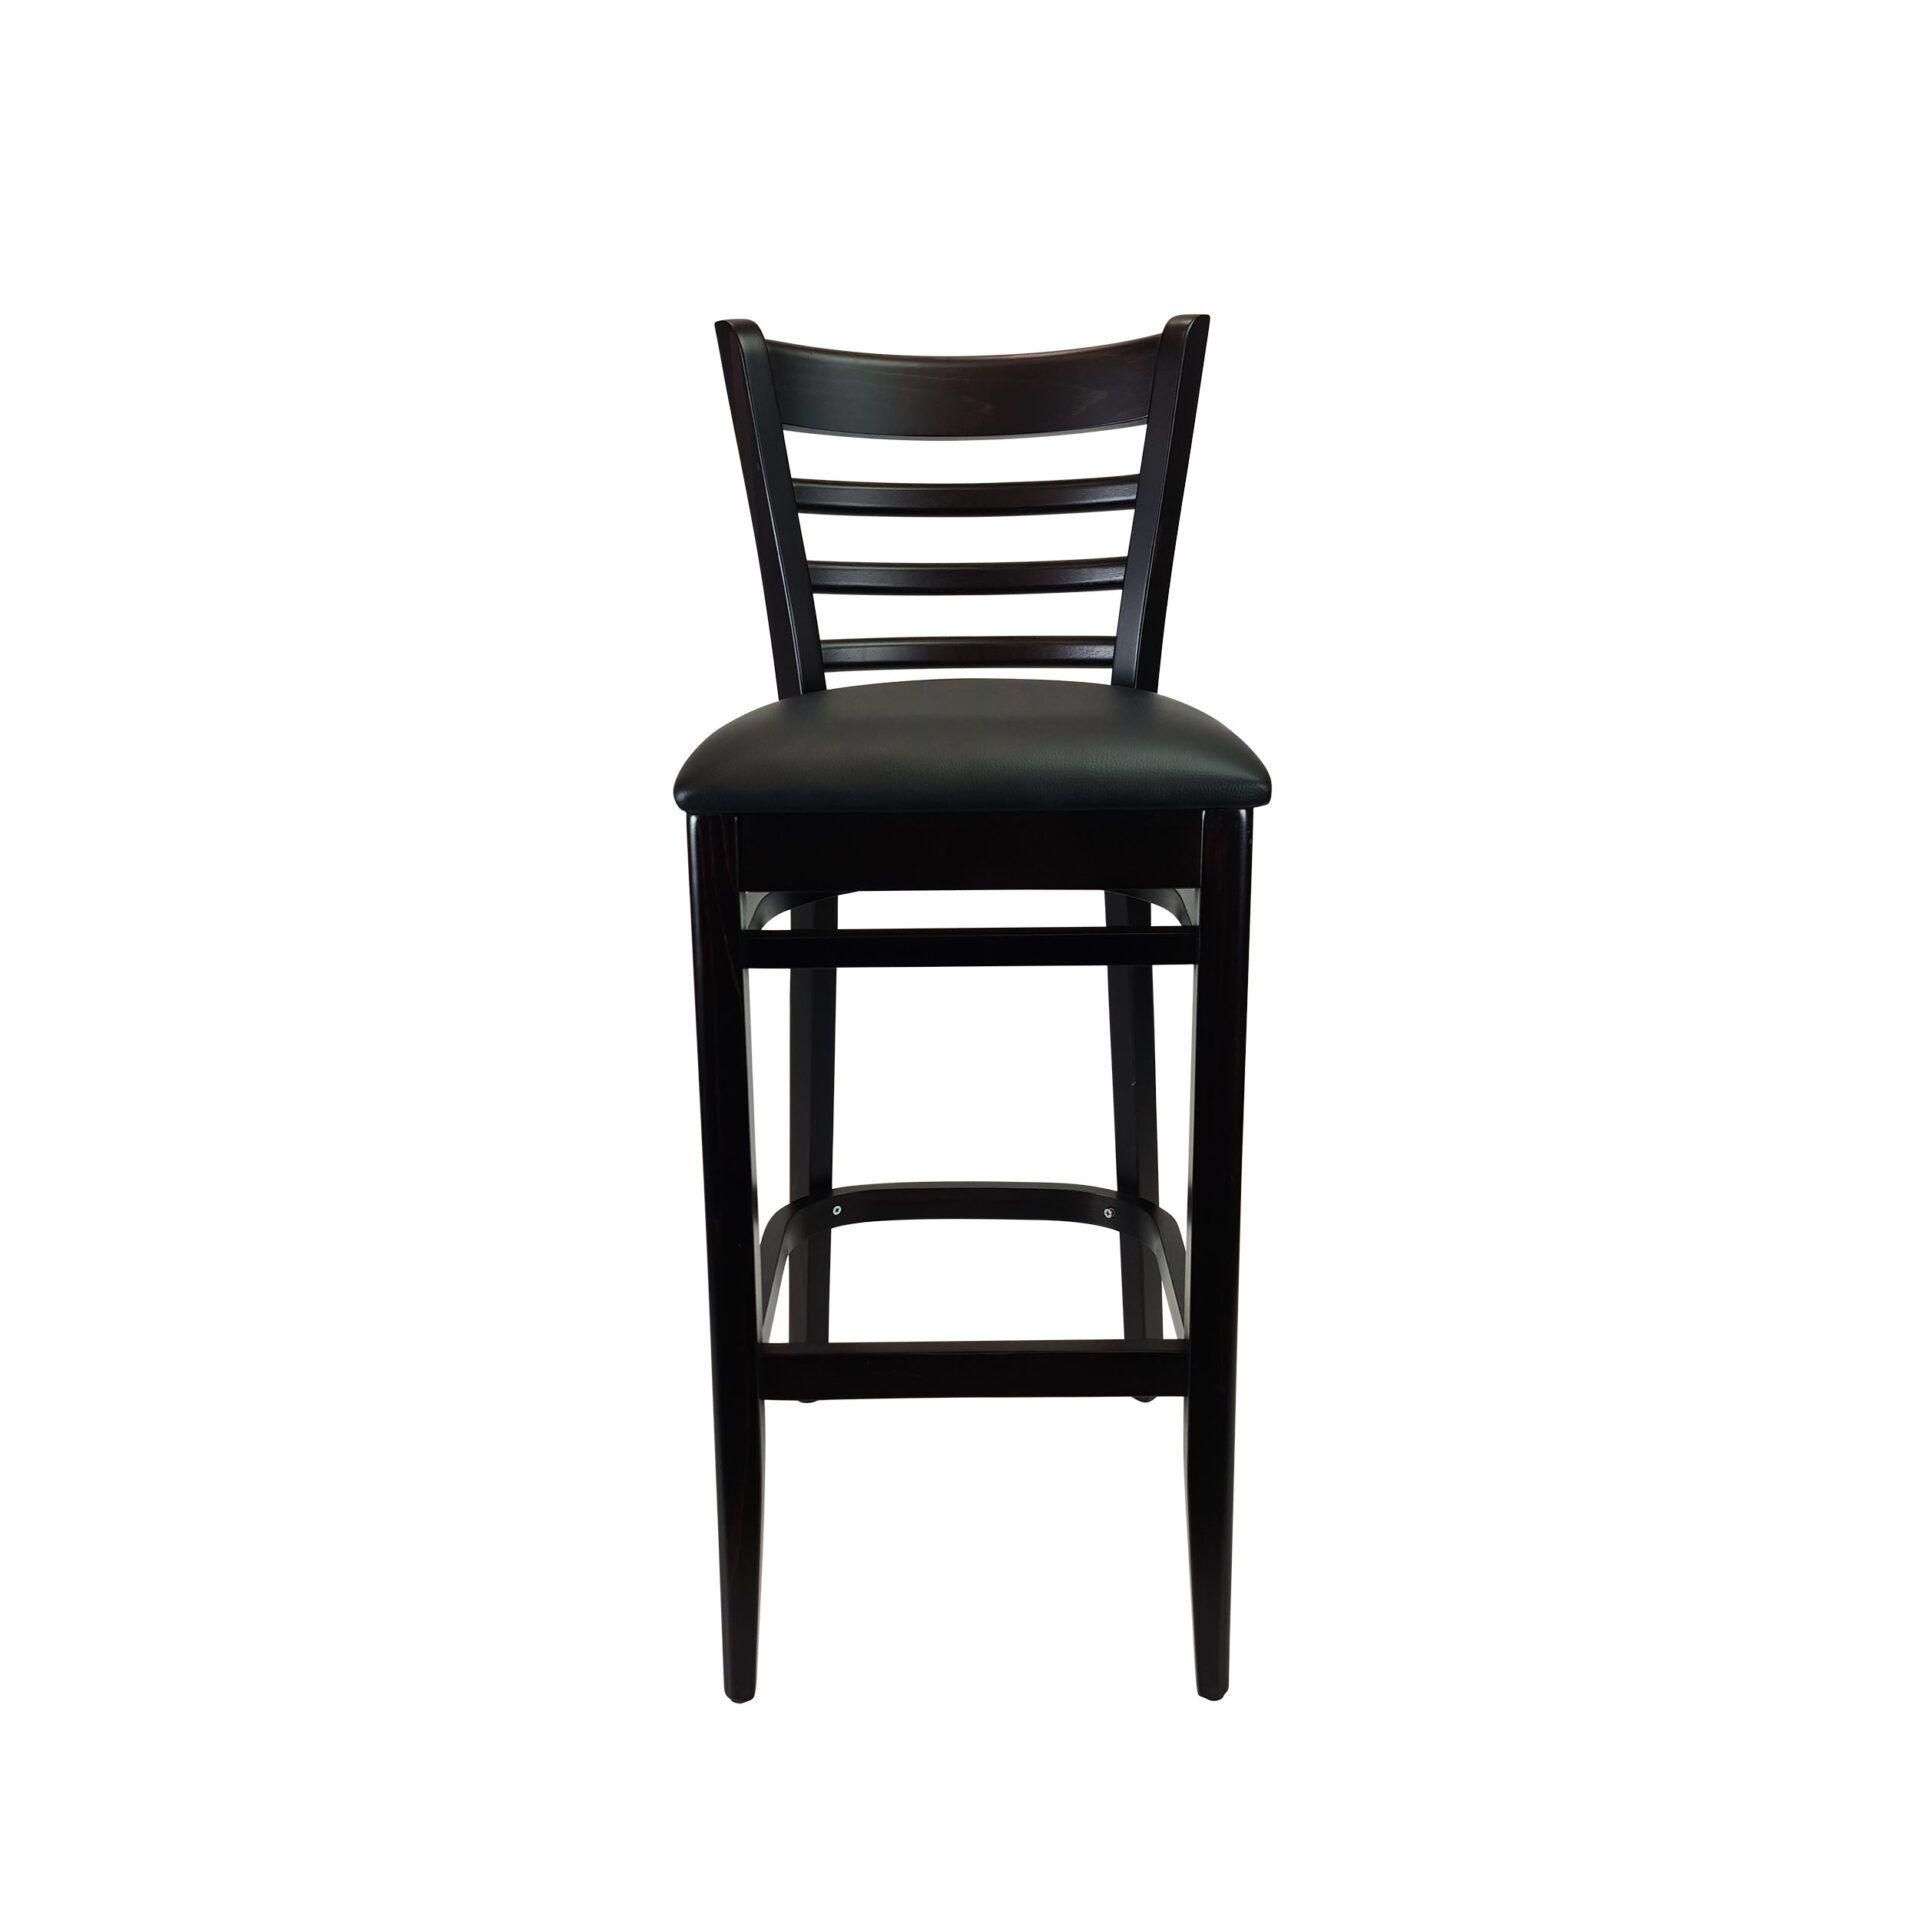 florence barstool wenge.black cushion front